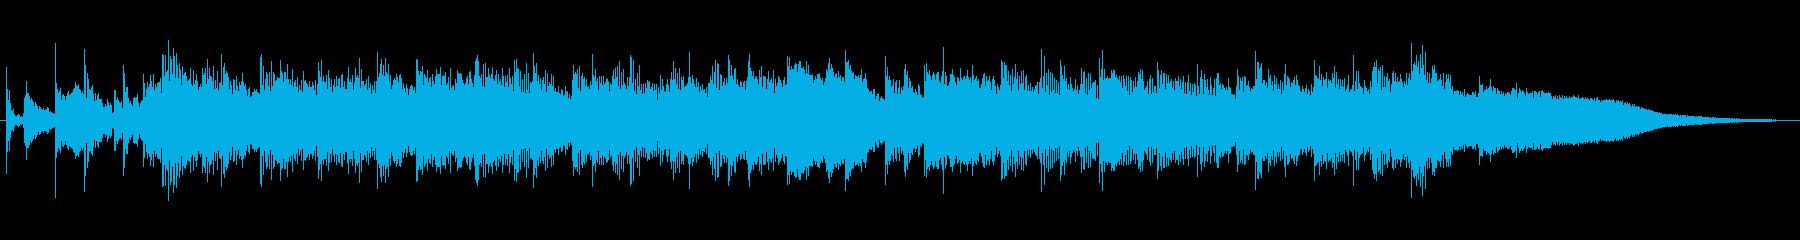 オープニング用ポップス音源の再生済みの波形